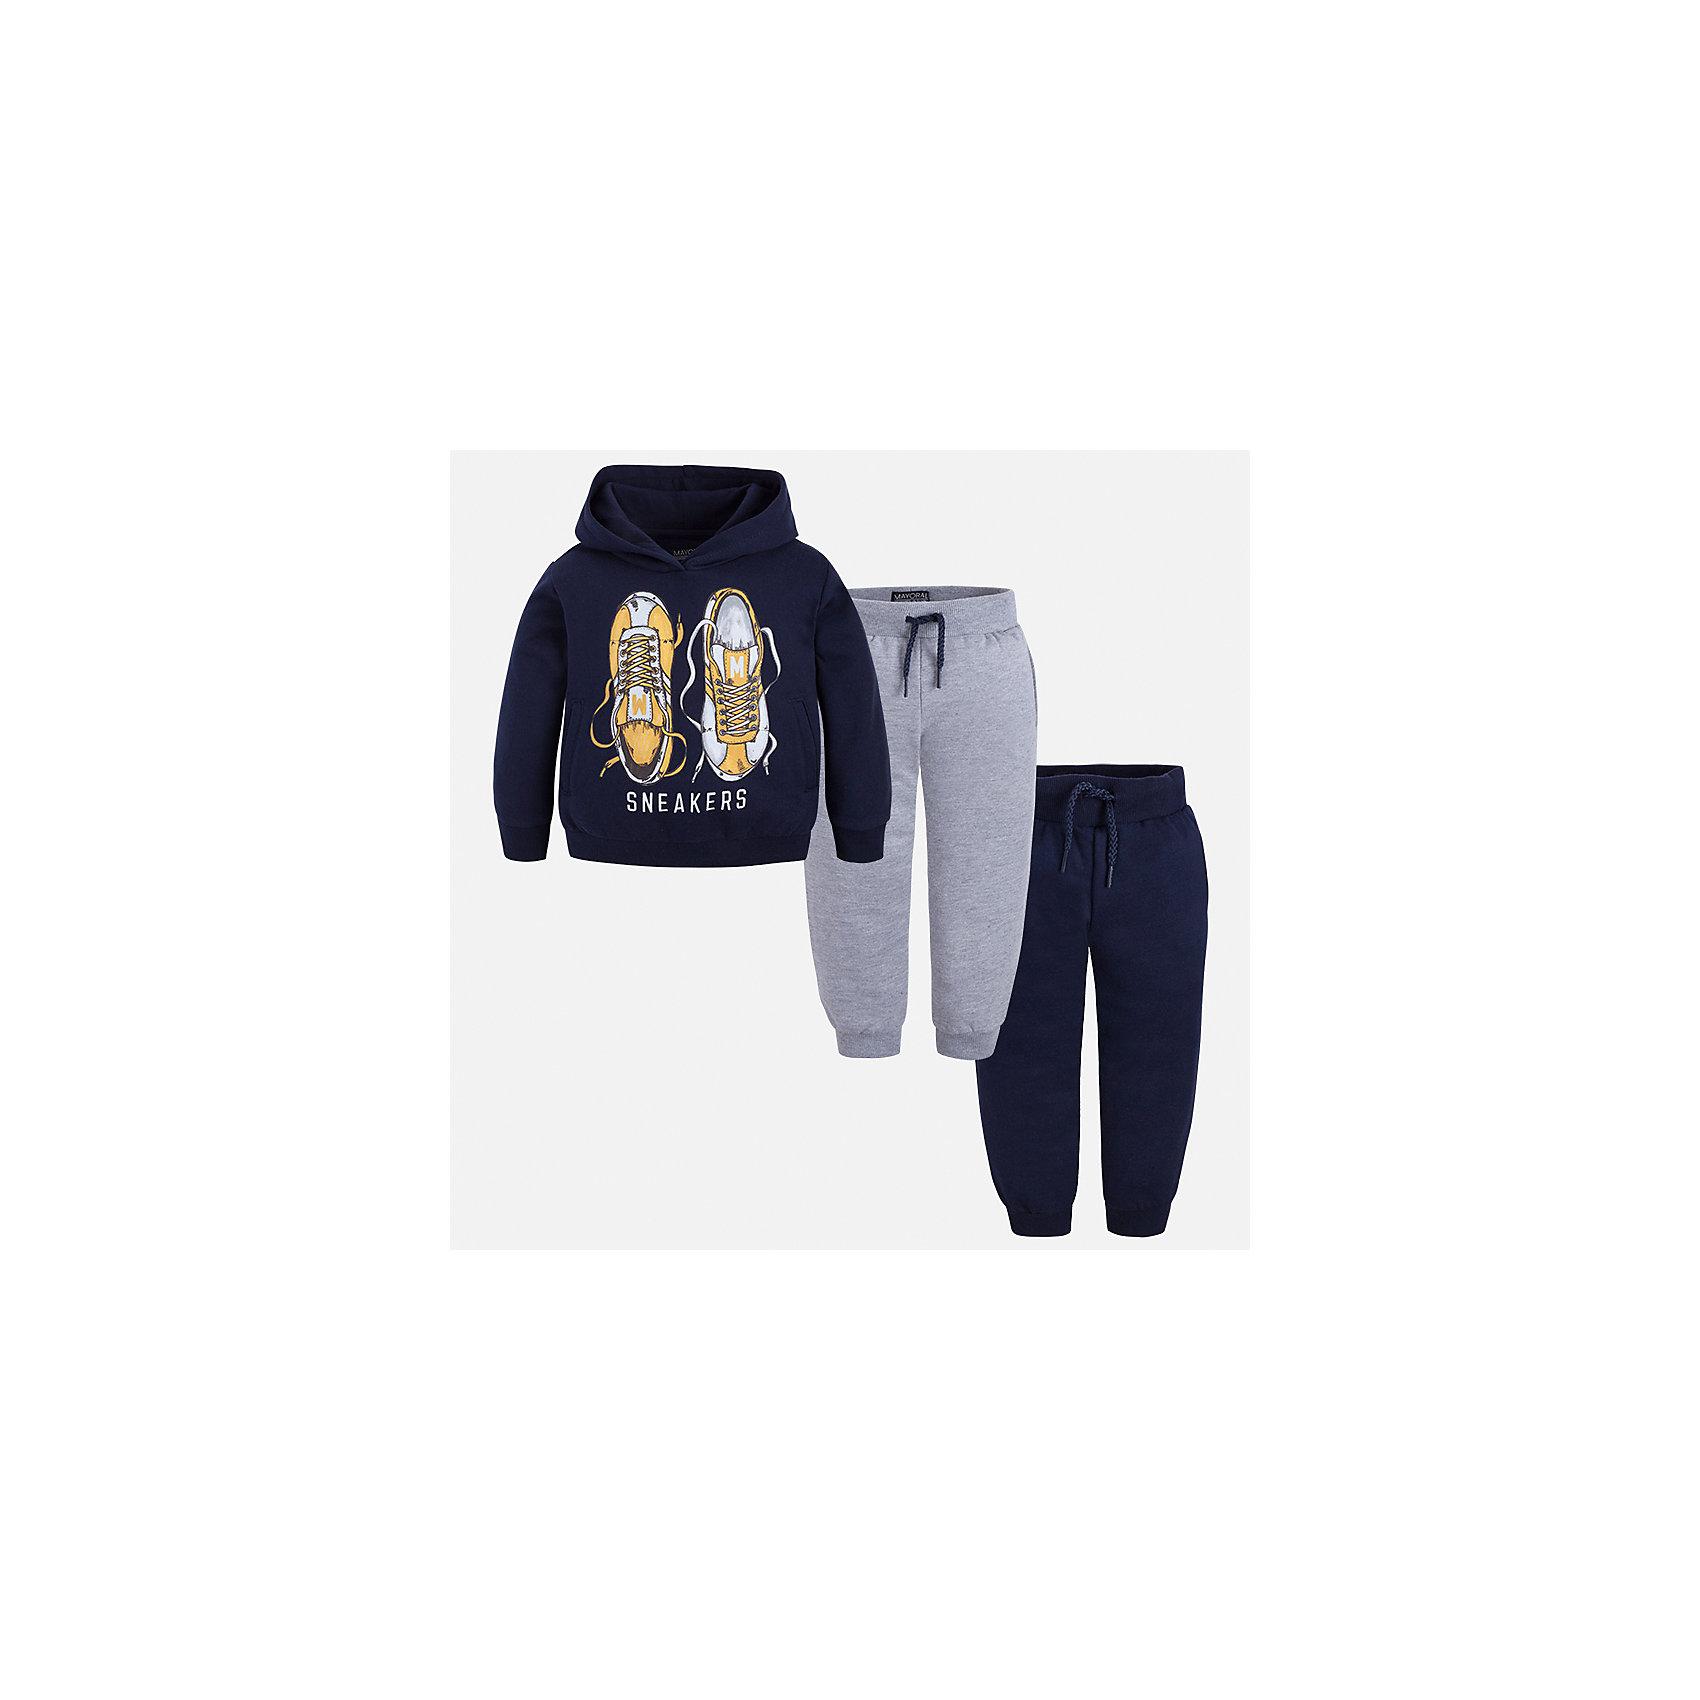 Спортивный костюм Mayoral для мальчикаКомплекты<br>Характеристики товара:<br><br>• цвет: синий<br>• состав ткани: 60% хлопок, 40% полиэстер<br>• комплектация: куртка, 2 брюк<br>• сезон: демисезон<br>• особенности модели: спортивный стиль<br>• капюшон<br>• длинные рукава<br>• пояс брюк: резинка, шнурок<br>• страна бренда: Испания<br>• страна изготовитель: Индия<br><br>Детский спортивный комплект состоит из курточки и двух брюк. Спортивный костюм сделан из плотного приятного на ощупь материала. Благодаря продуманному крою детского спортивного костюма создаются комфортные условия для тела. Спортивный комплект для мальчика отличается стильный продуманным дизайном.<br><br>Спортивный костюм для мальчика Mayoral (Майорал) можно купить в нашем интернет-магазине.<br><br>Ширина мм: 247<br>Глубина мм: 16<br>Высота мм: 140<br>Вес г: 225<br>Цвет: синий<br>Возраст от месяцев: 96<br>Возраст до месяцев: 108<br>Пол: Мужской<br>Возраст: Детский<br>Размер: 134,128,92,98,104,110,116,122<br>SKU: 6933106